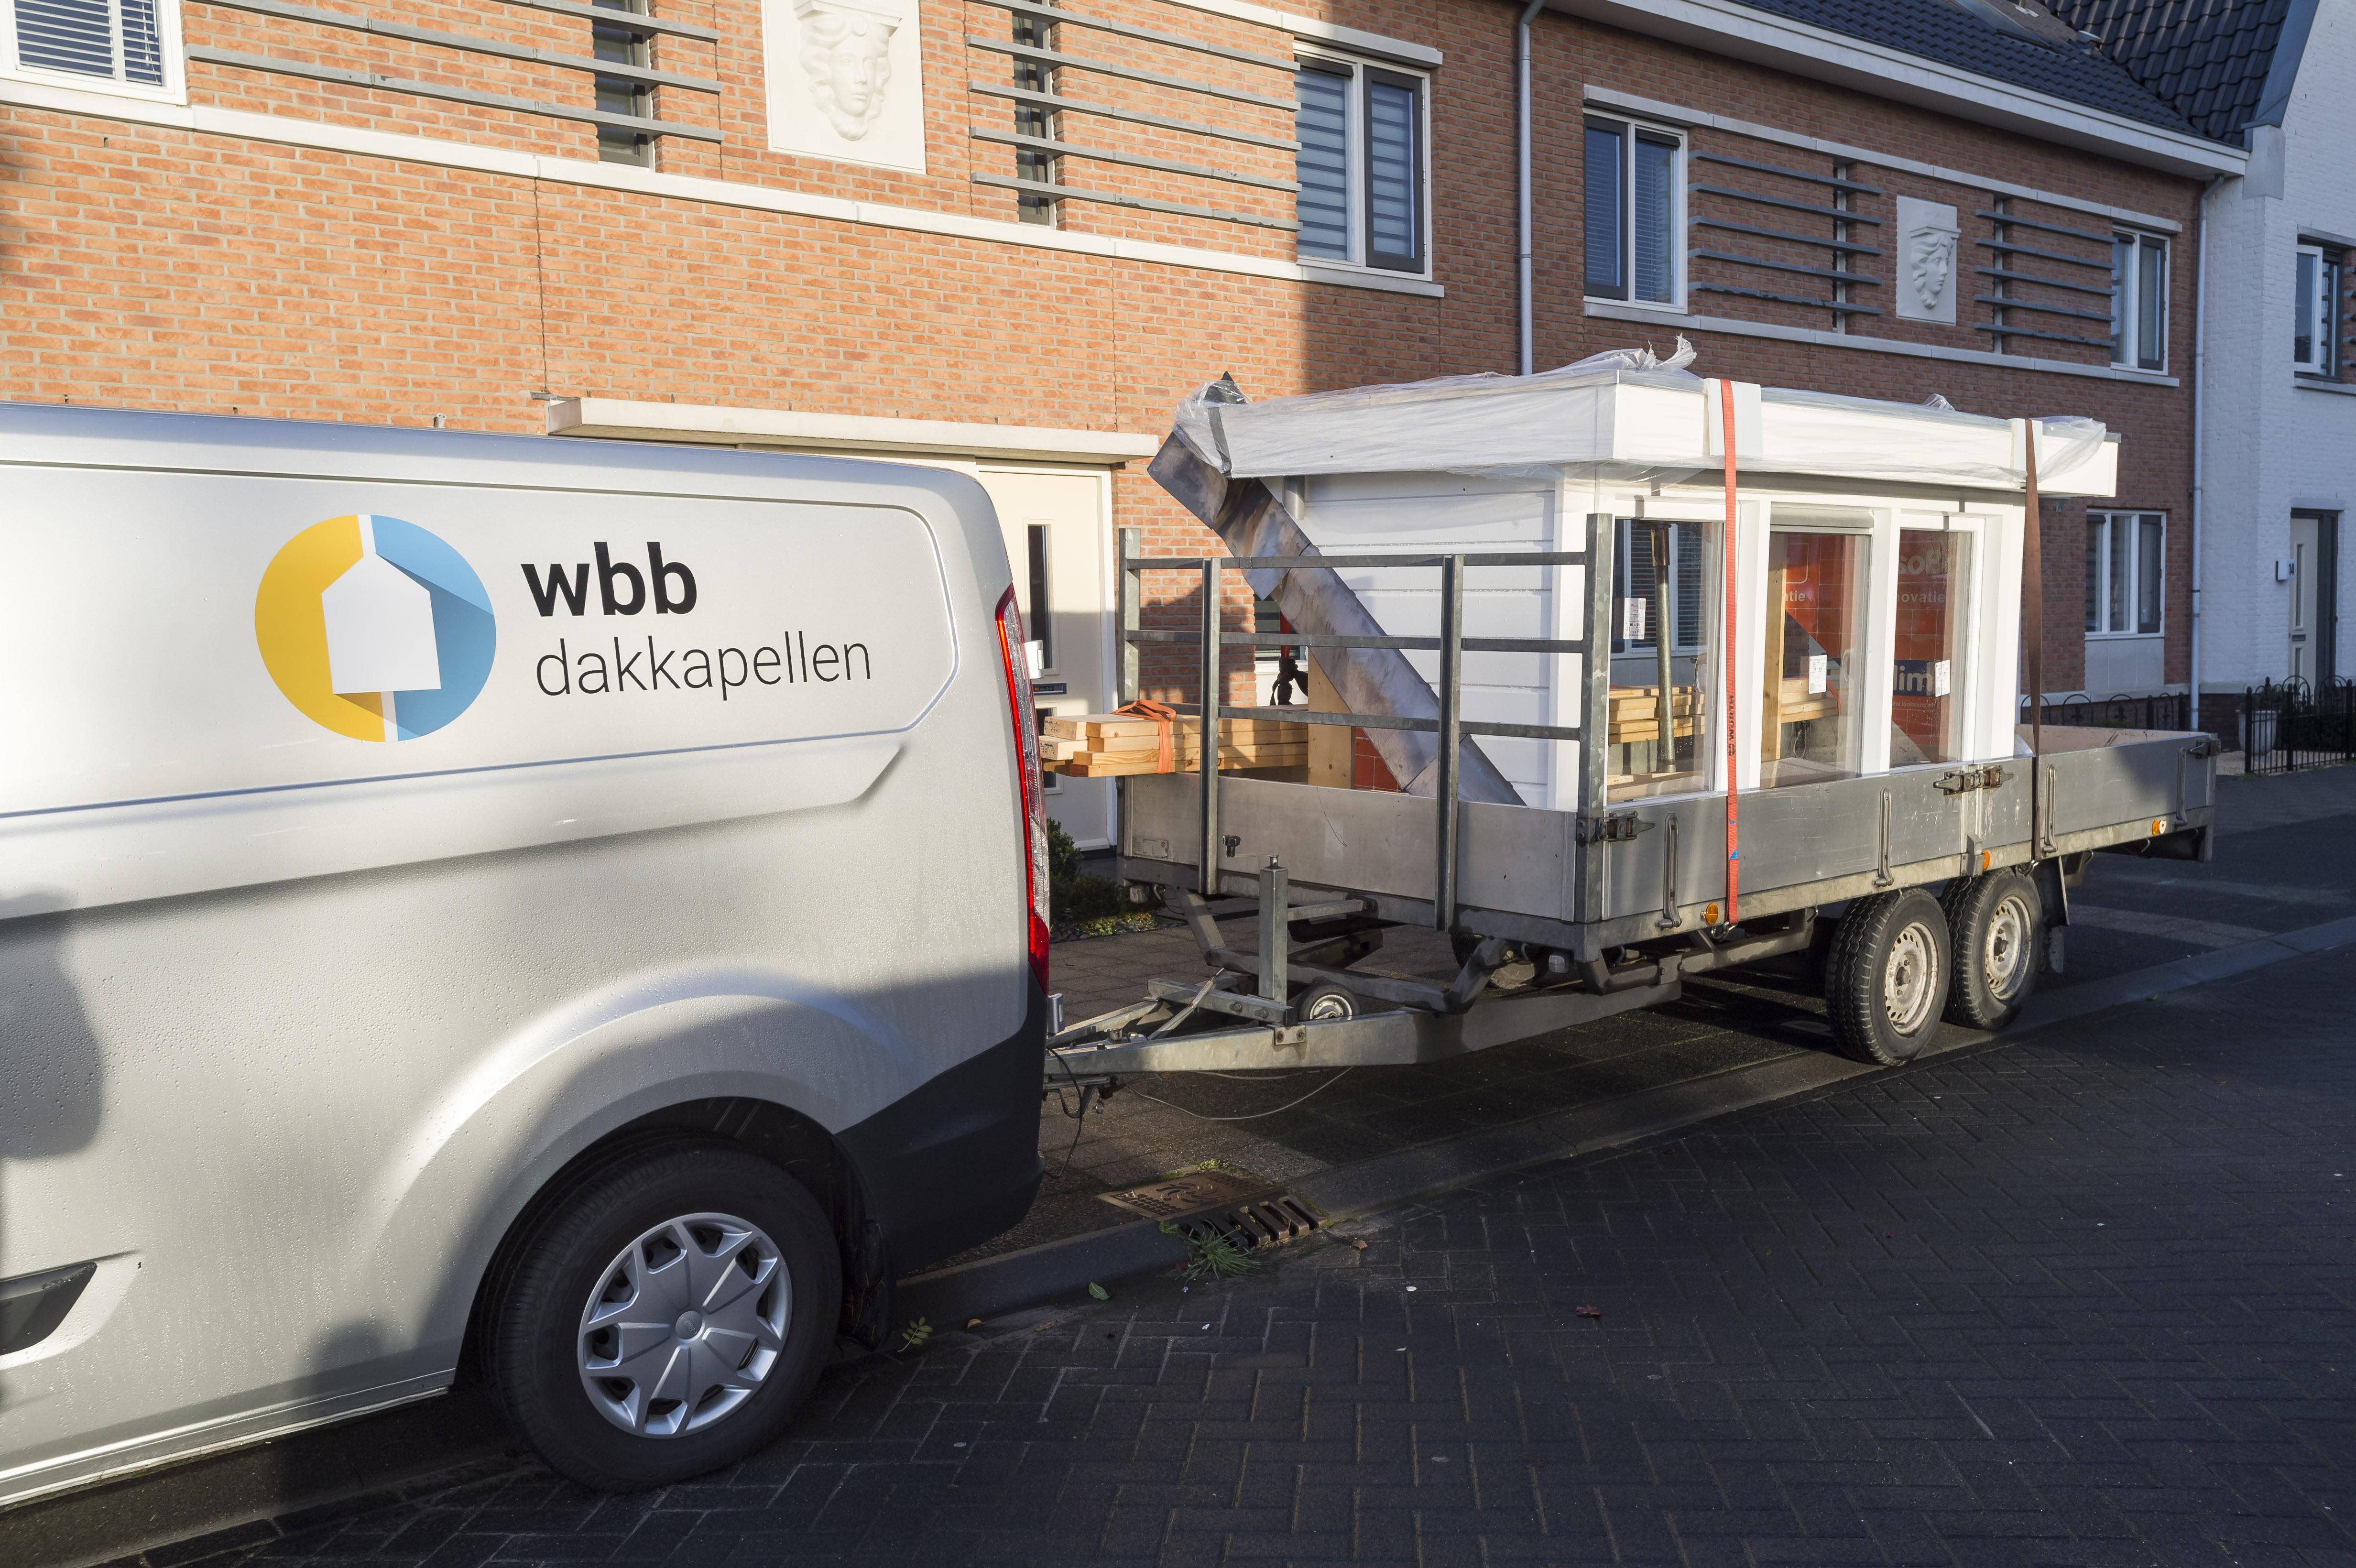 wbb-dakkapellen - plaatsing dakkapel - transport en aankomst dakkapel